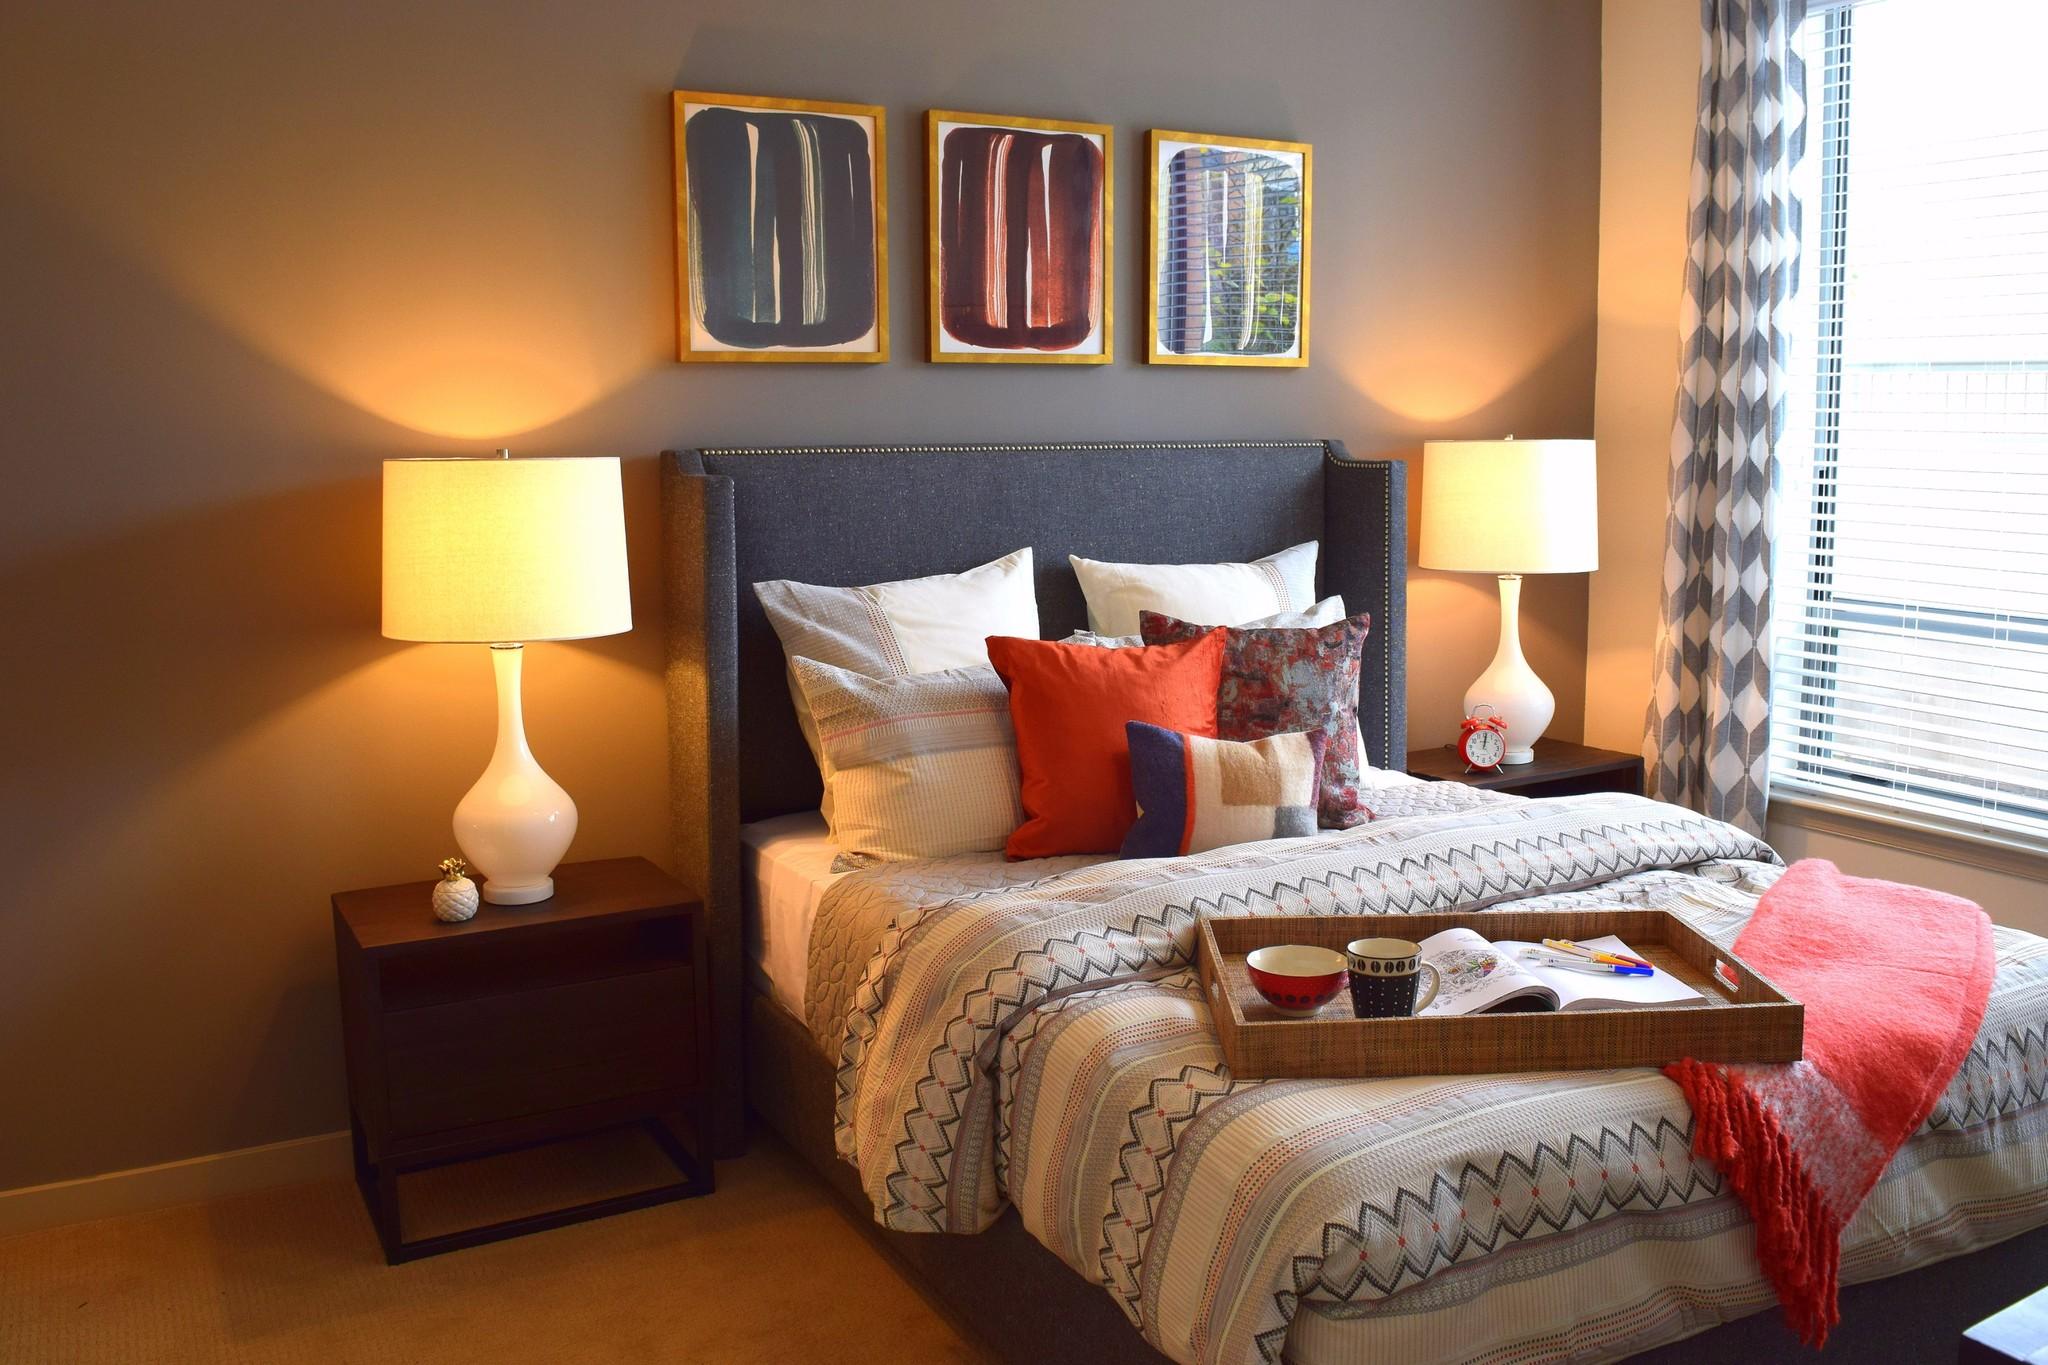 7001 Arlington at Bethesda Apartments image 4